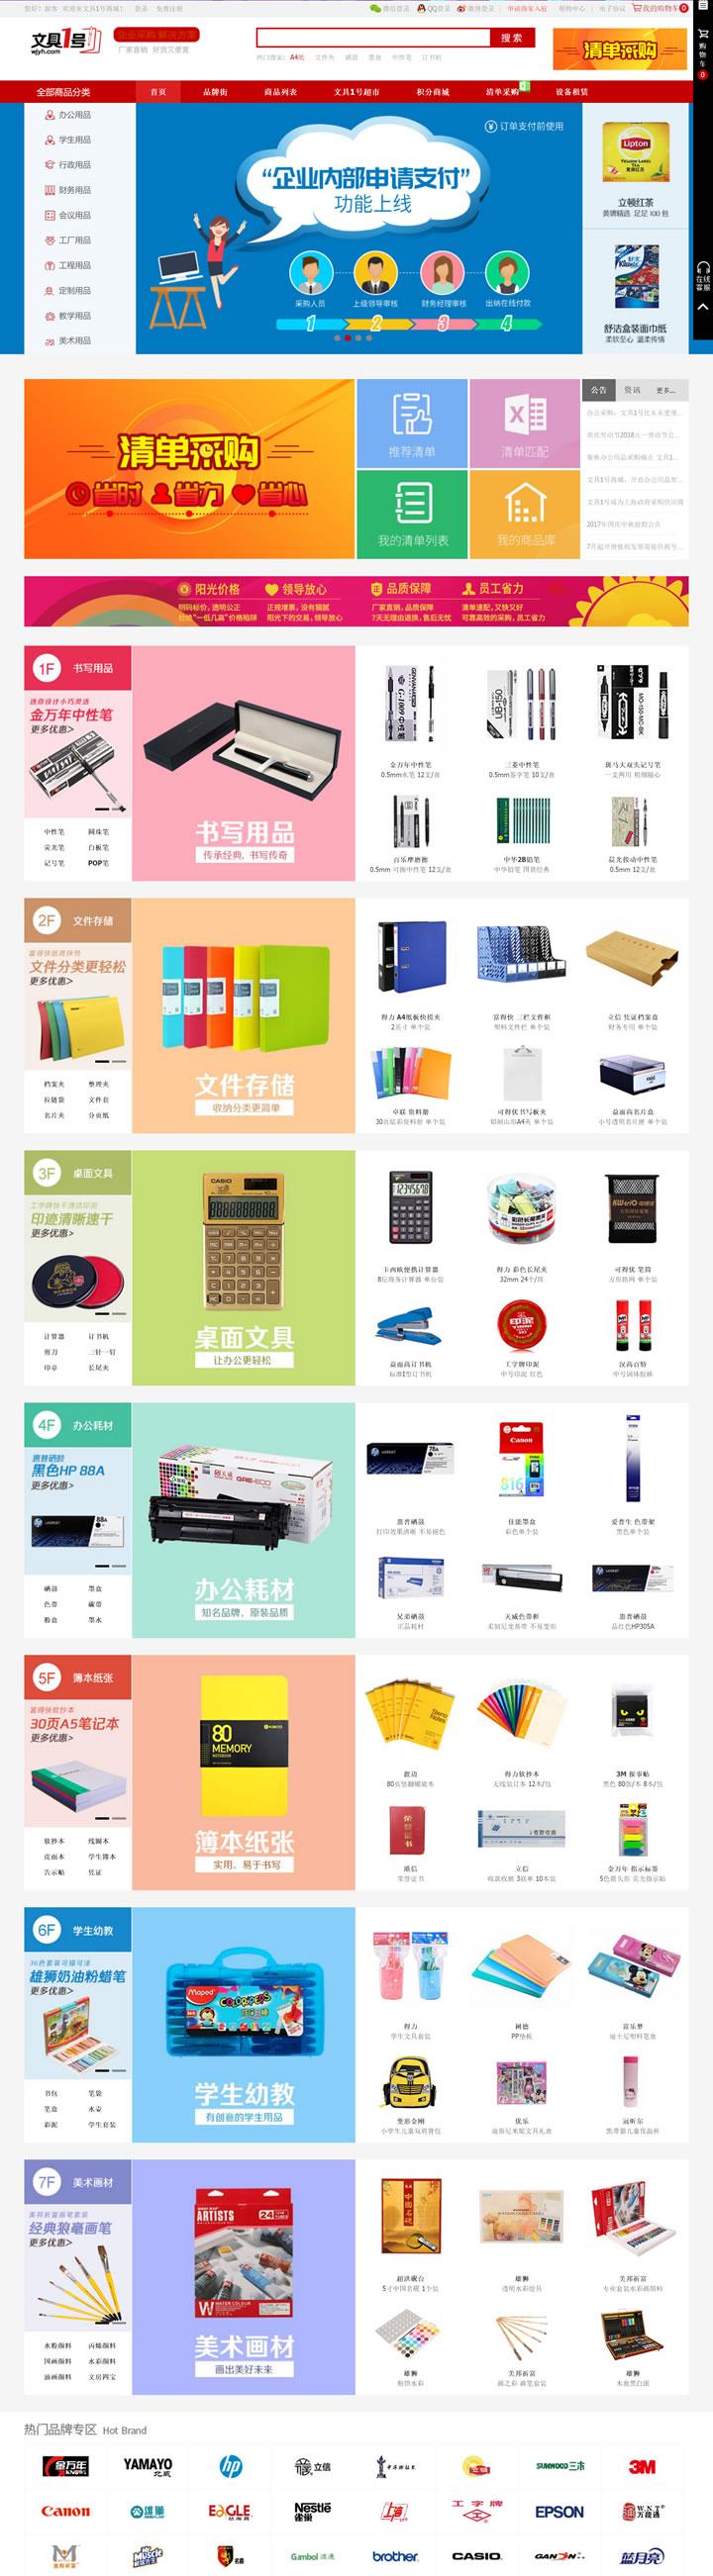 中国办公用品一站式采购网站:文具1号